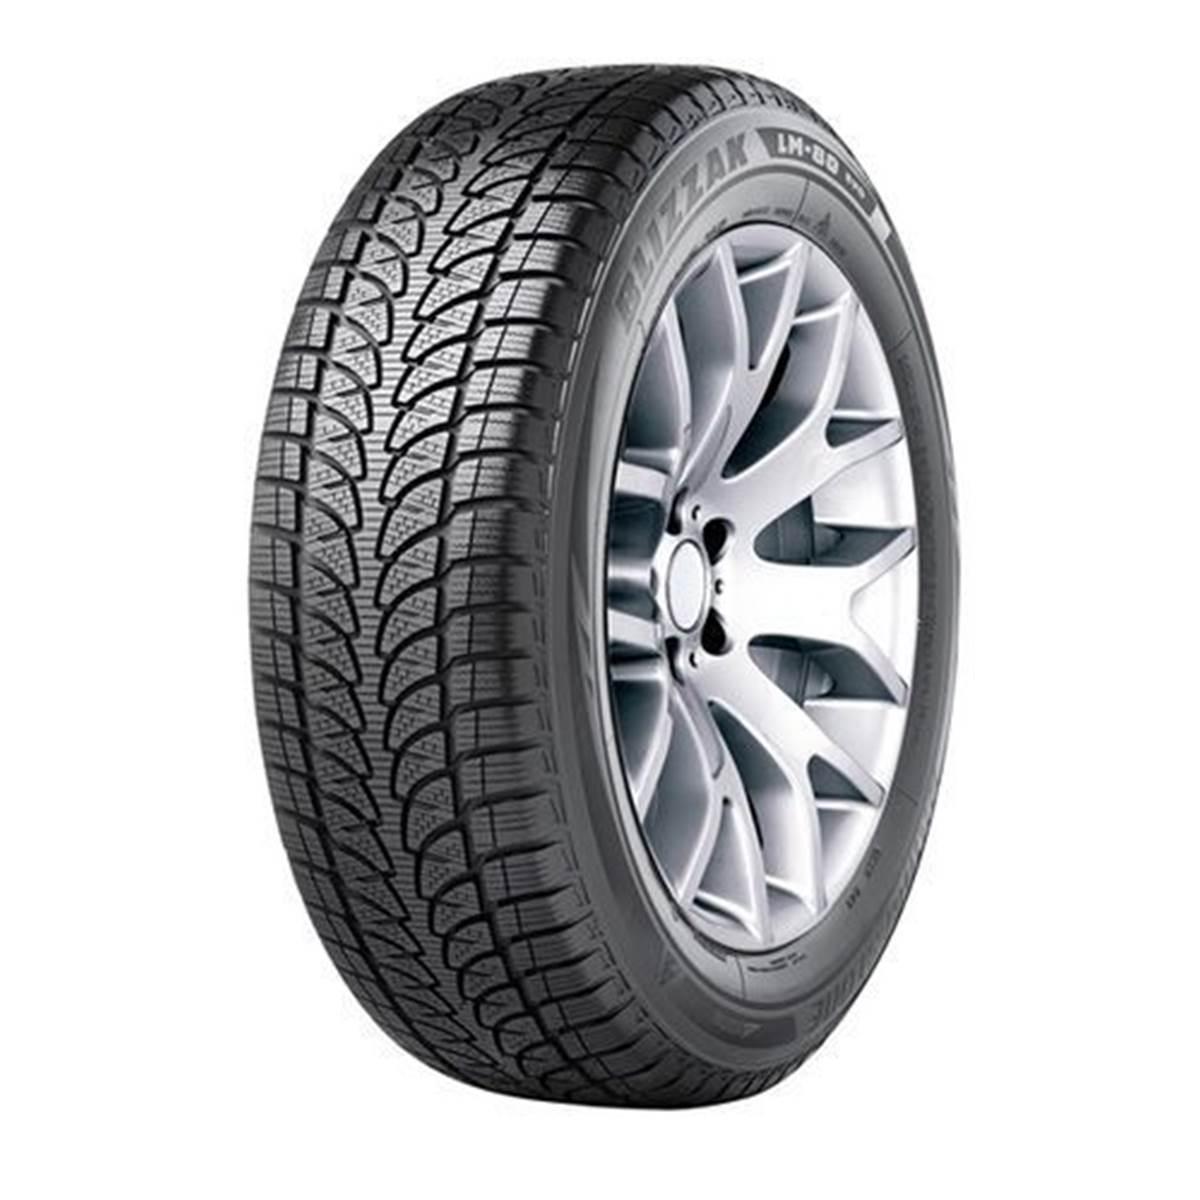 Pneu Runflat Hiver Bridgestone 255/55R18 109H Blizzak Lm80 XL